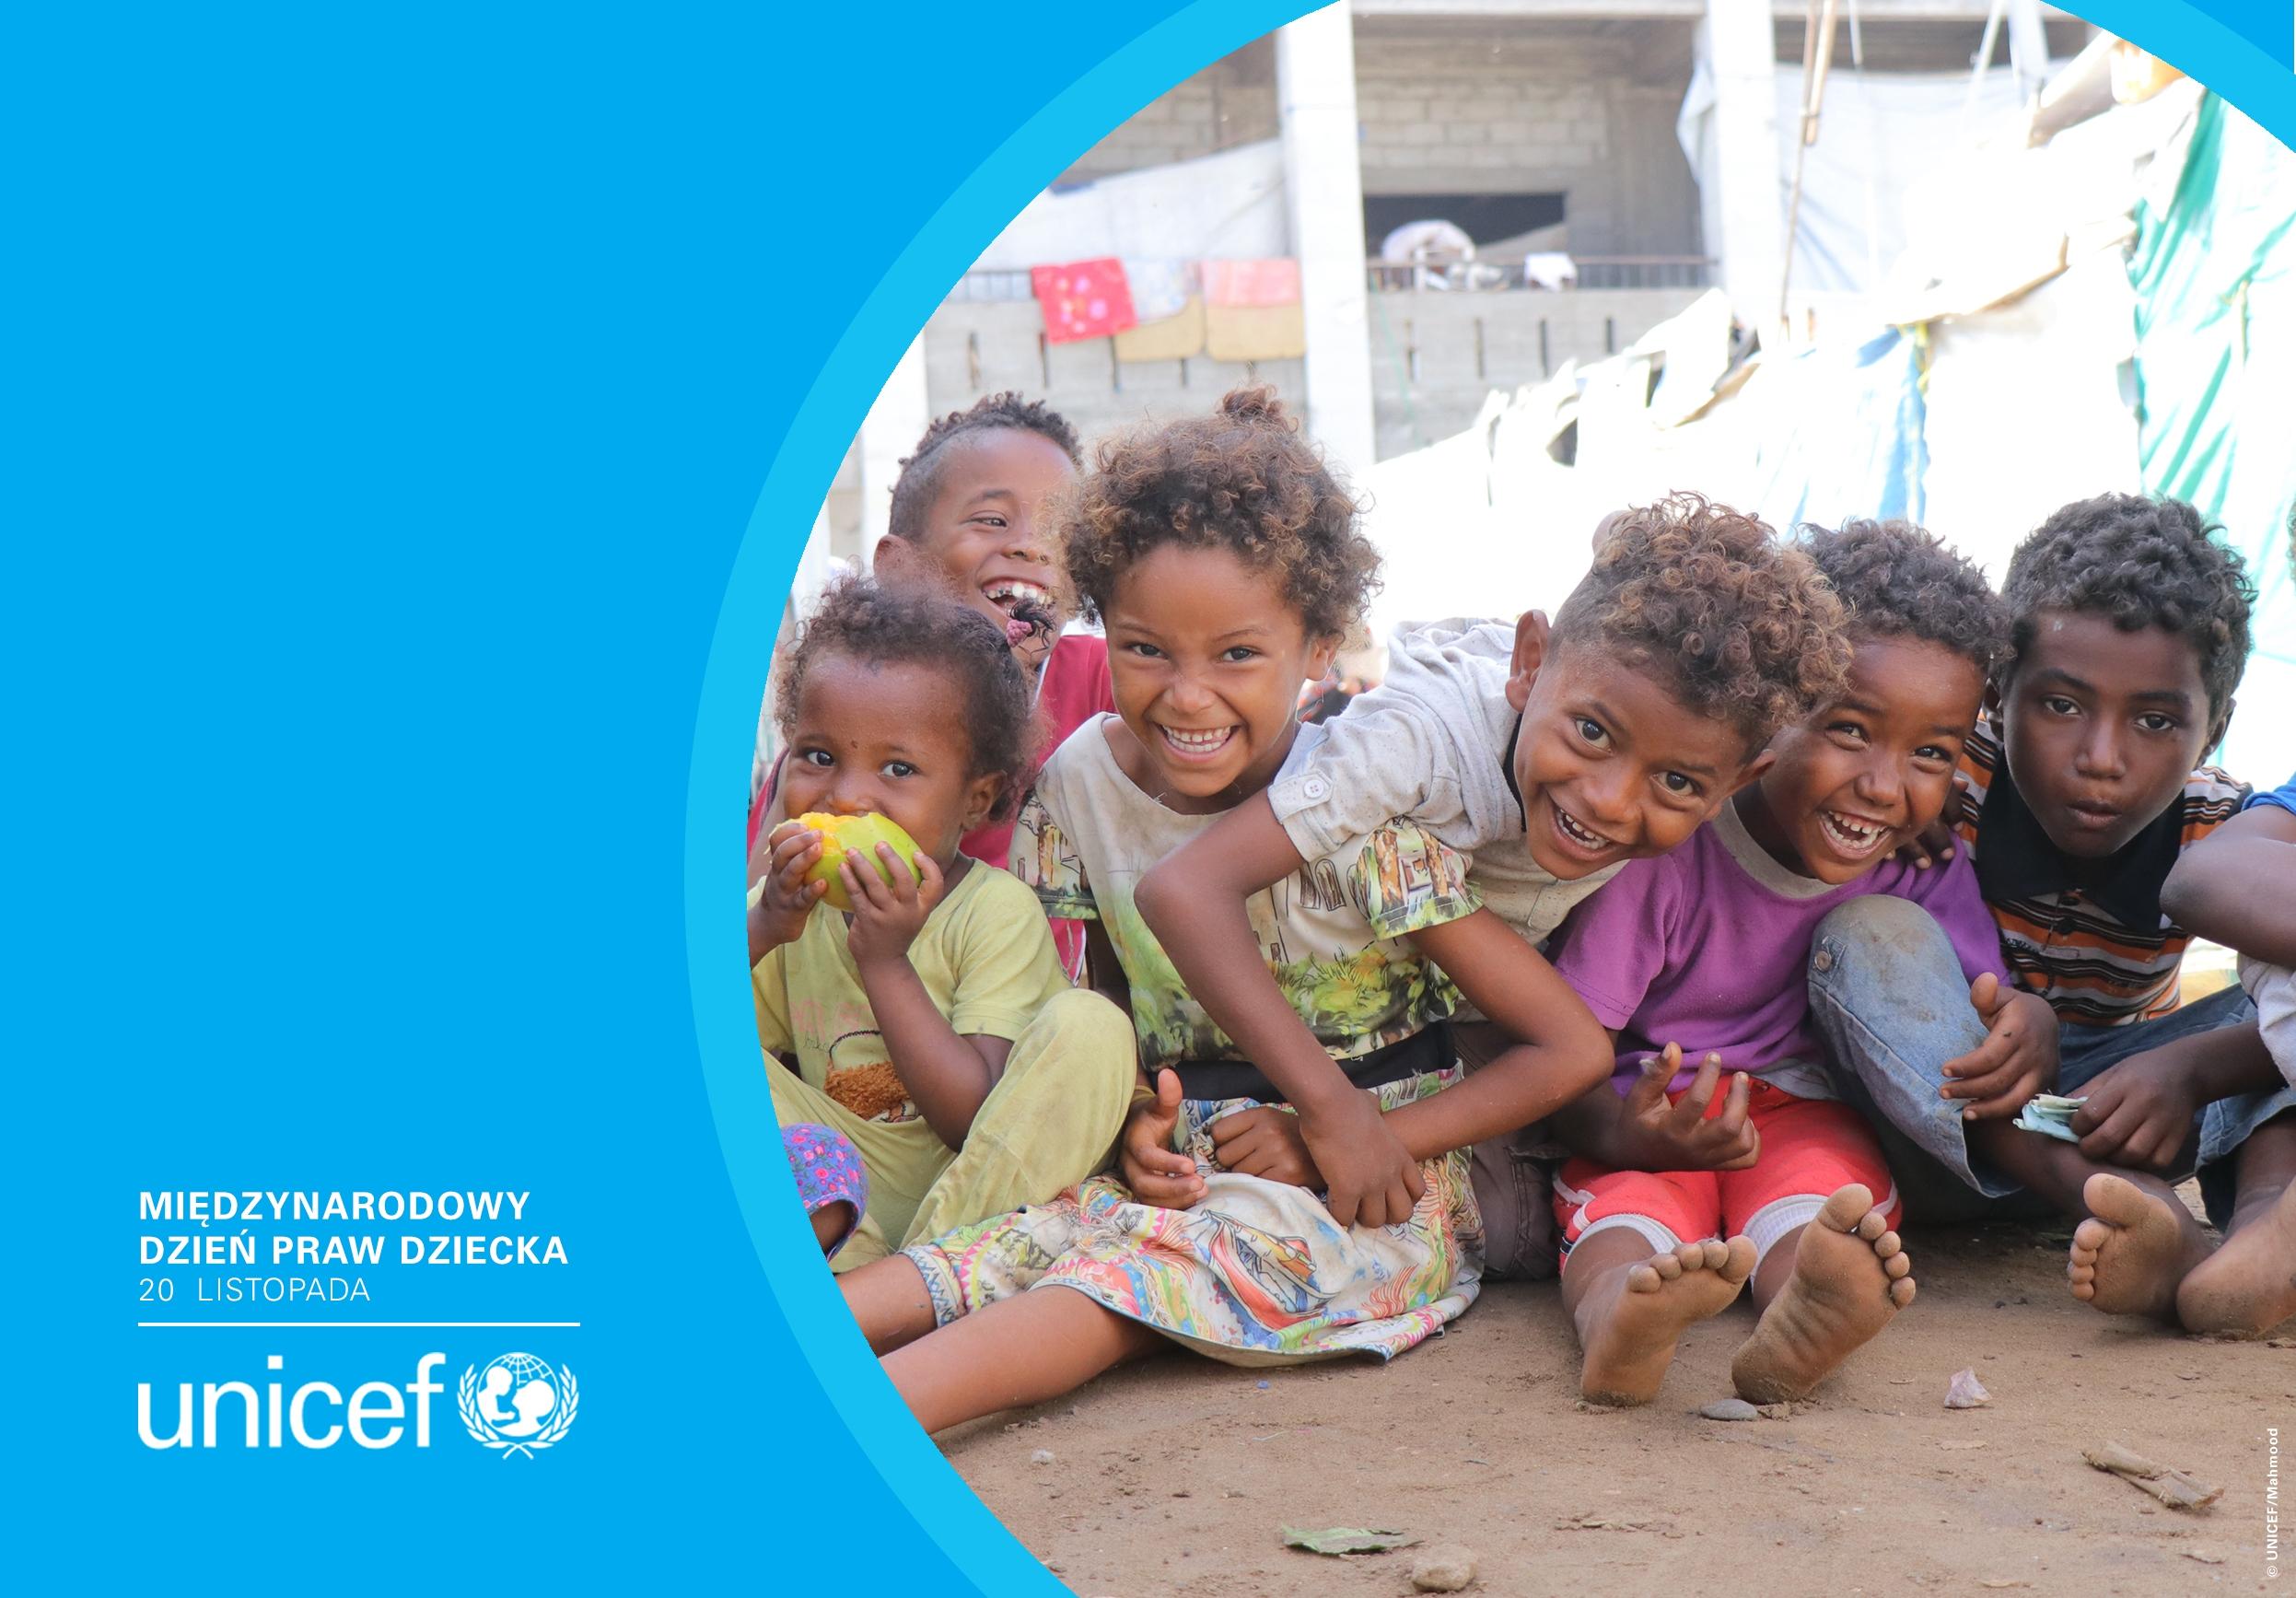 Jedyneczka razem z UNICEF świętuje Międzynarodowy Dzień Praw Dziecka